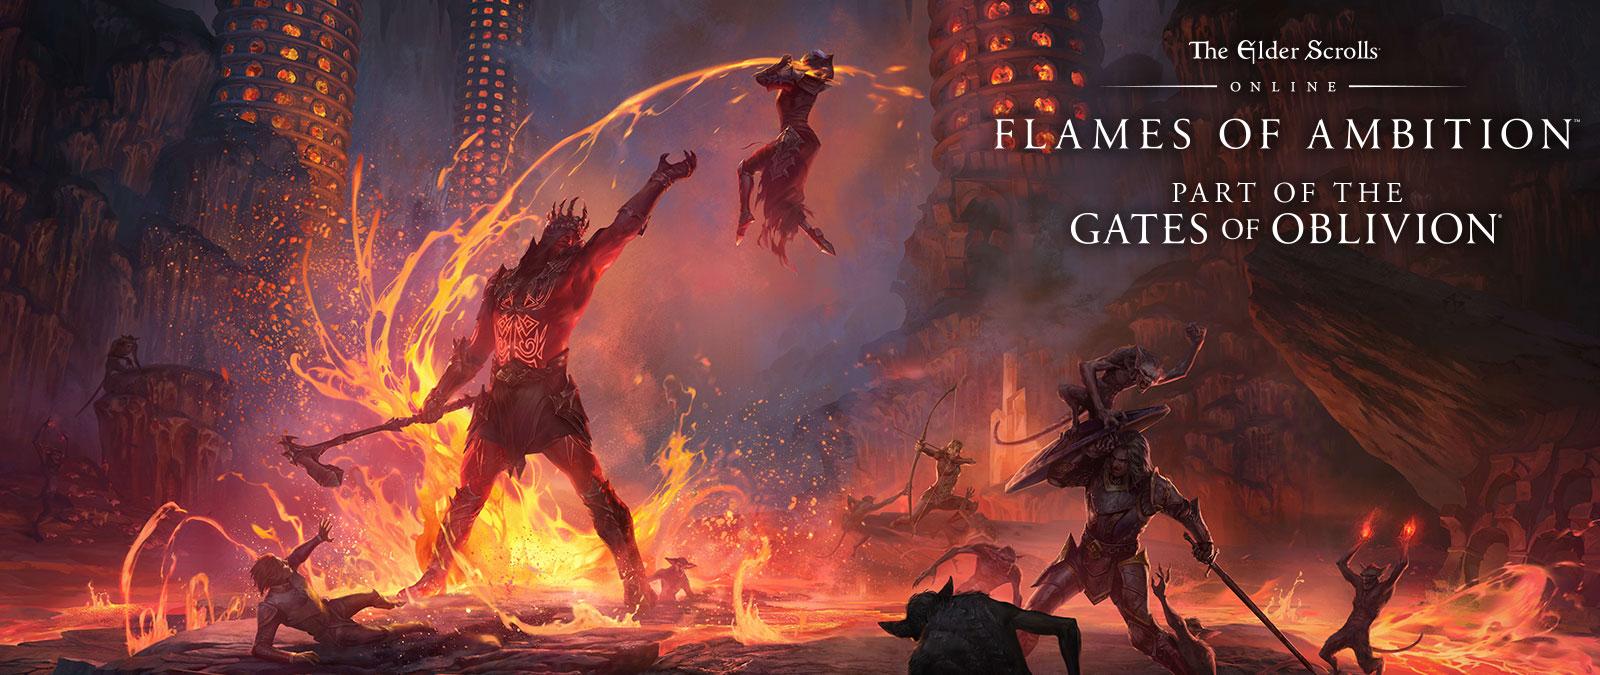 The Elder Scrolls Online: Flames of Ambition. Parte de Gates of Oblivion Caballeros luchando contra demonios y un gran monstruo con lava.